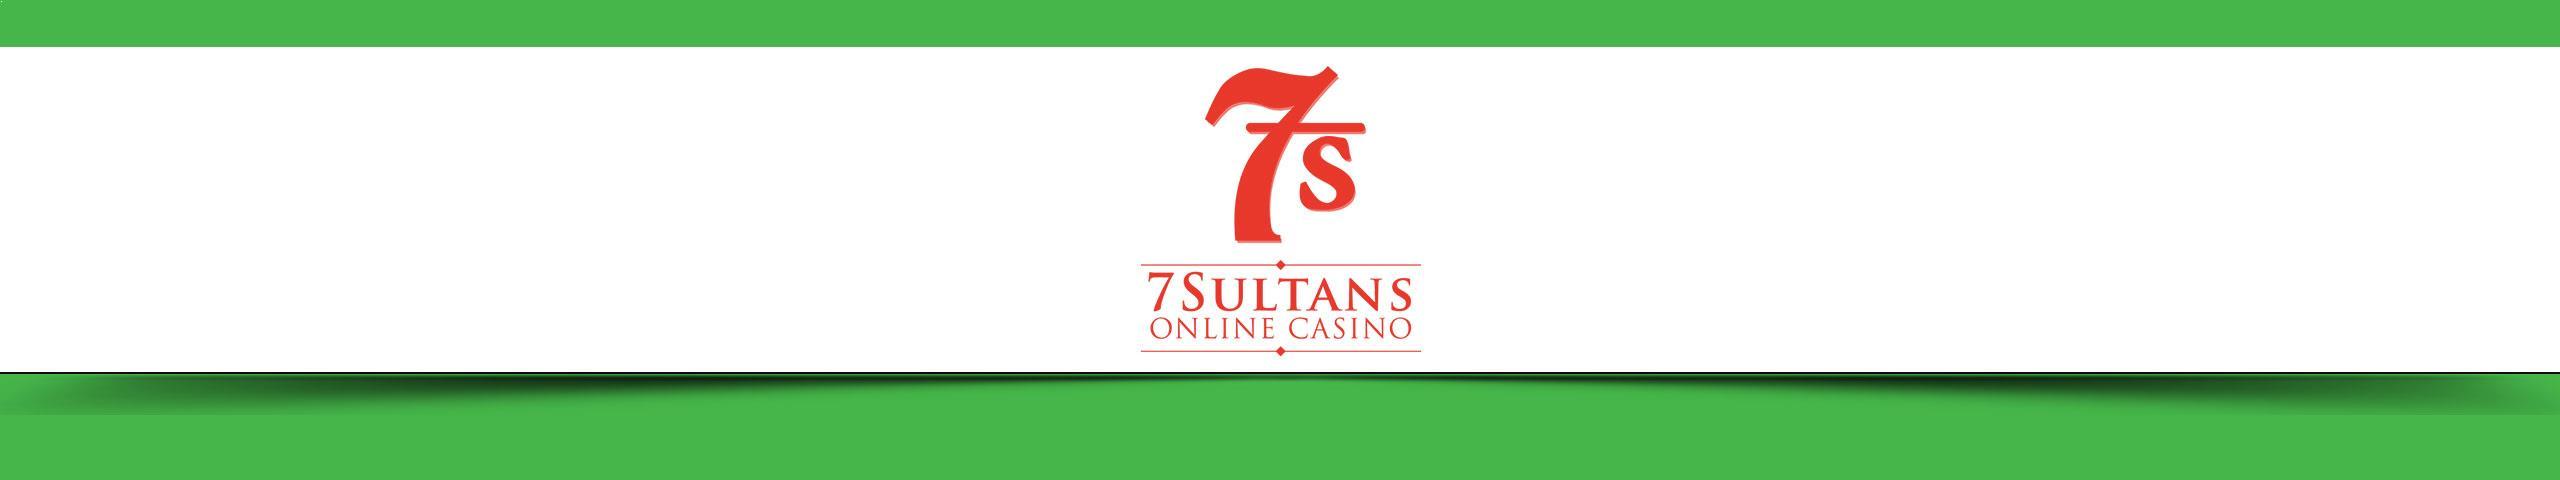 Vizualizarea Cazinoului 7 Sultans - Multabafta.com Slider